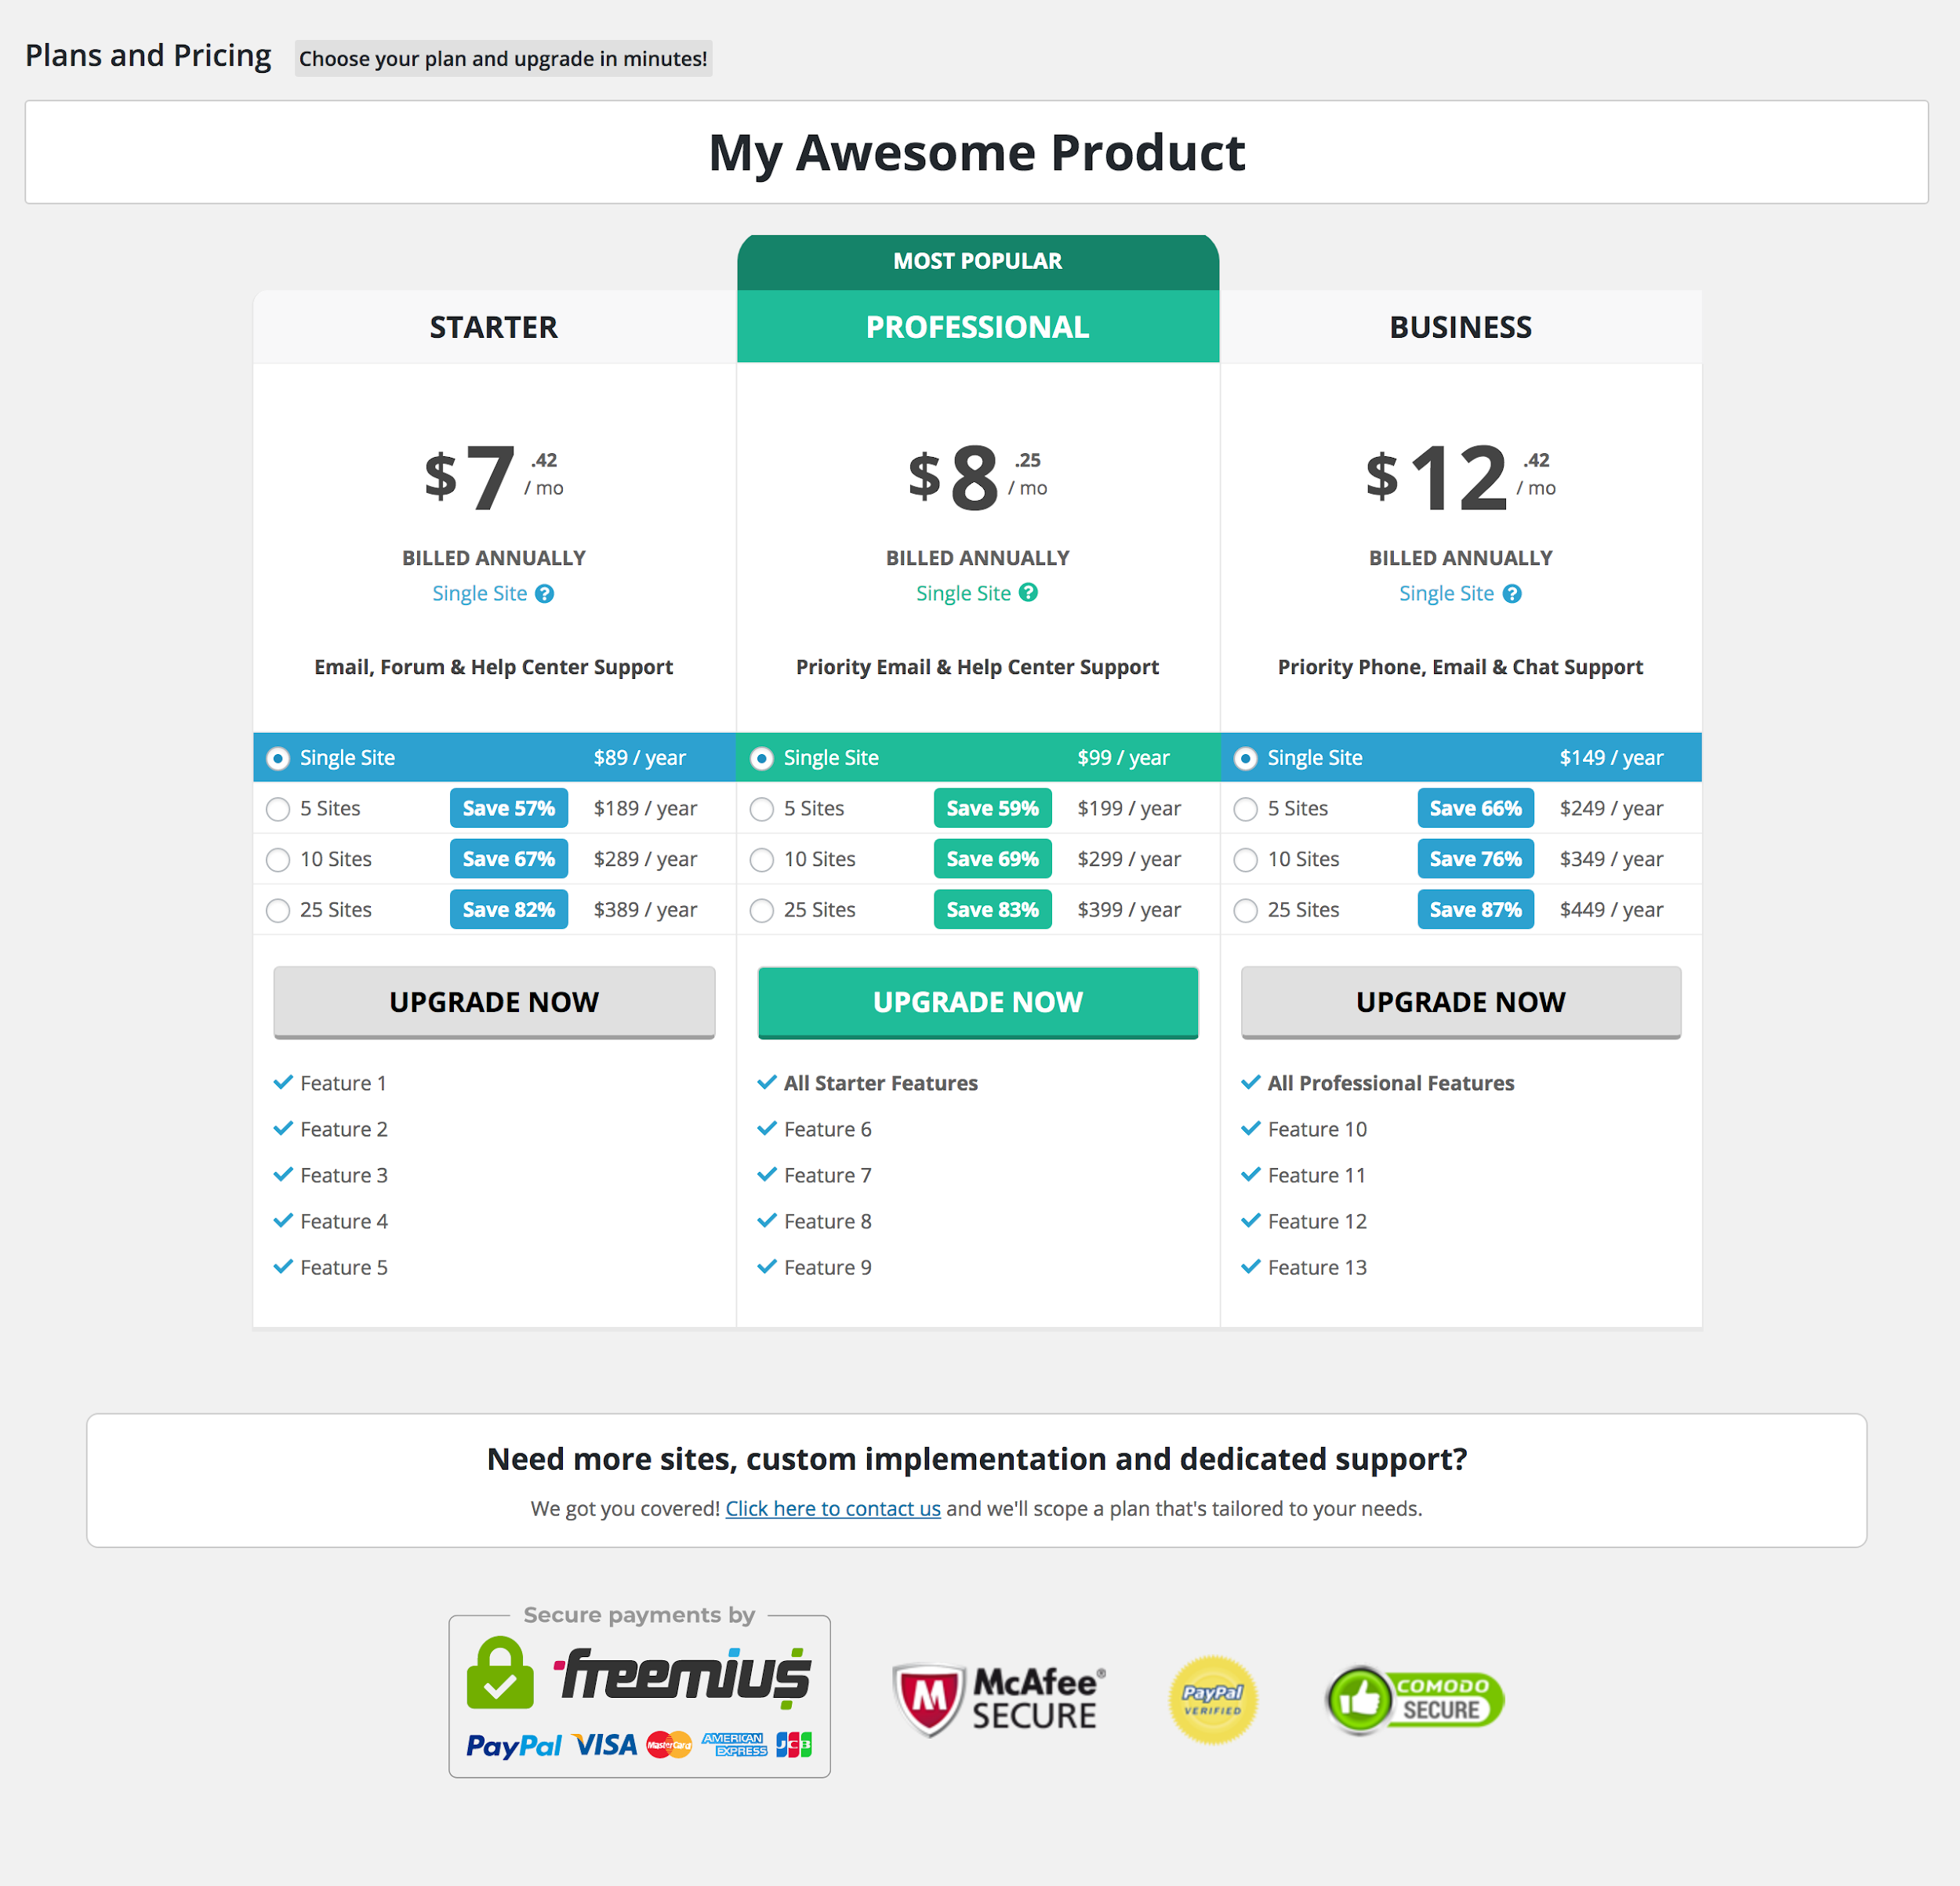 Freemius SDK 2.4.0 New ReactJS Pricing Page